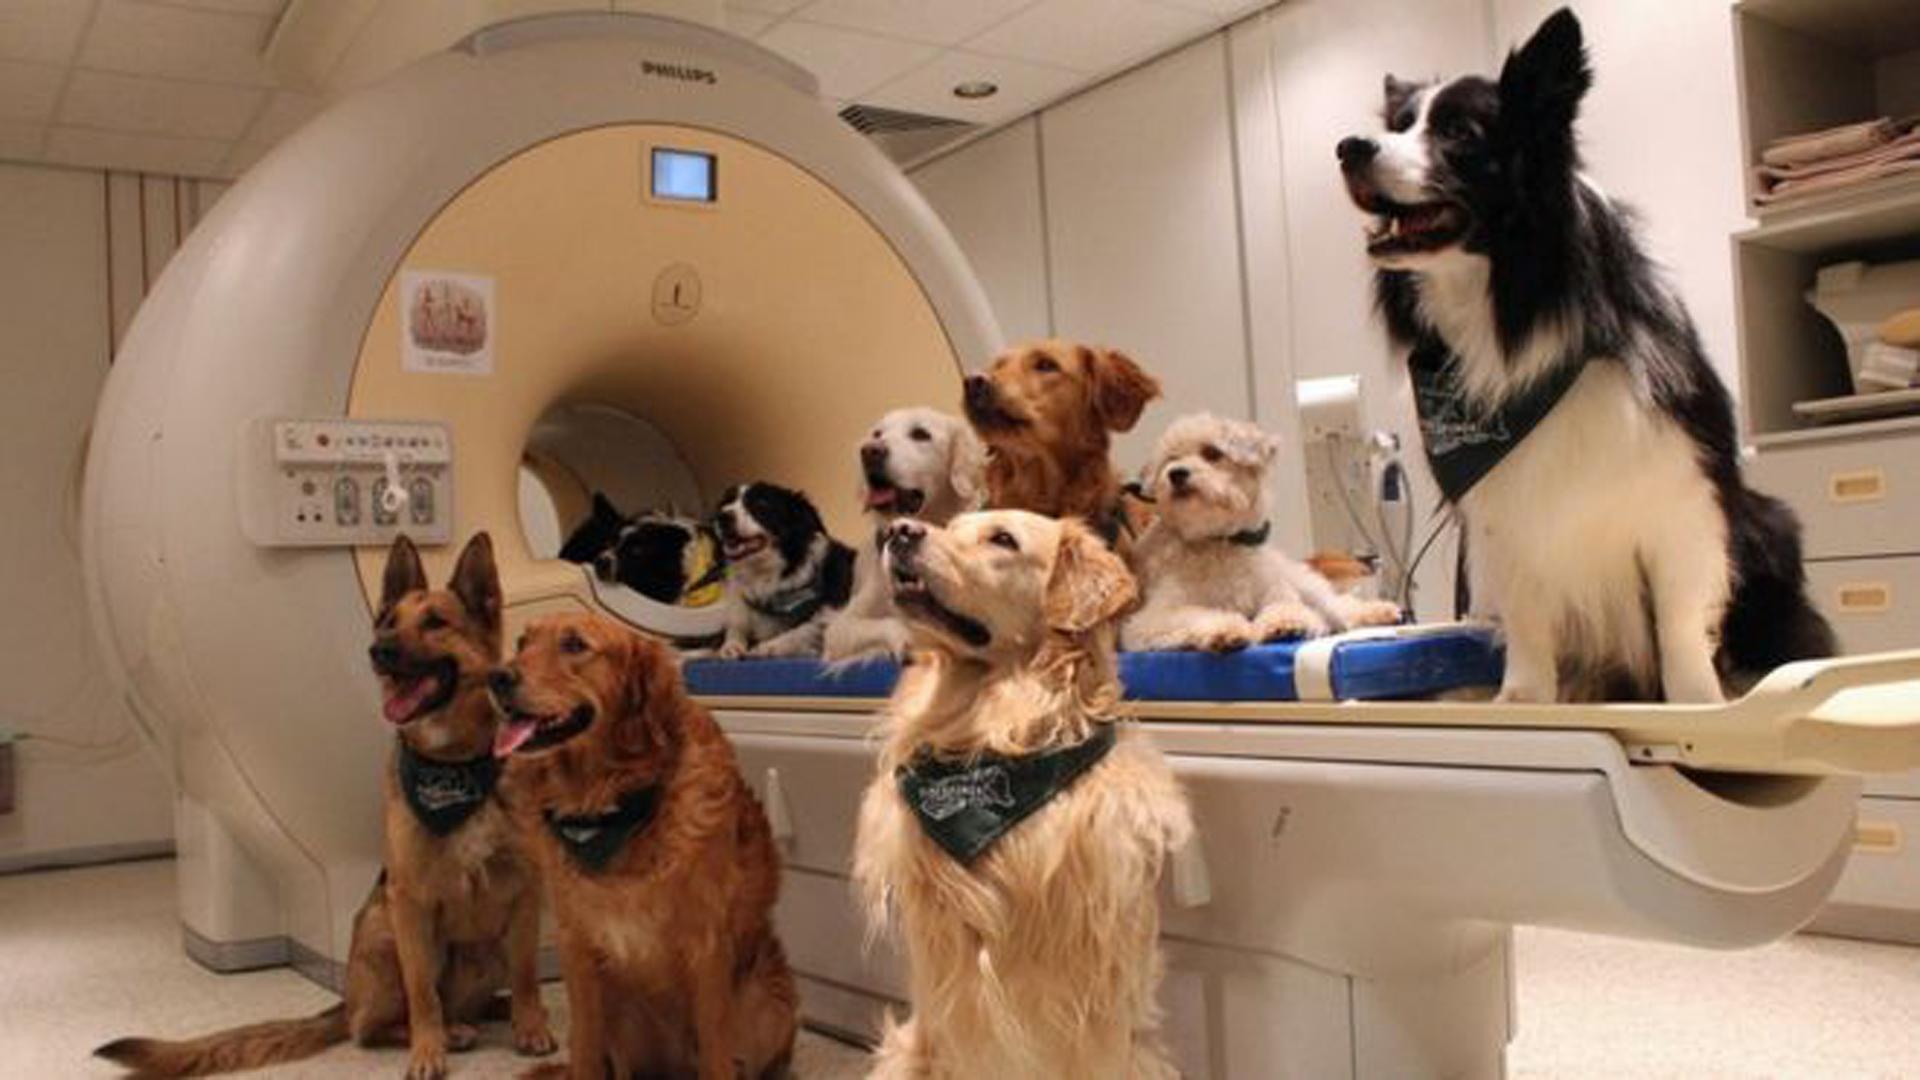 Los perros del estudio fueron sometidos a resonancia magnética para poder analizar su actividad neuronal lingüística (Erin Kubinyi / Universidad Eötvös Loránd)